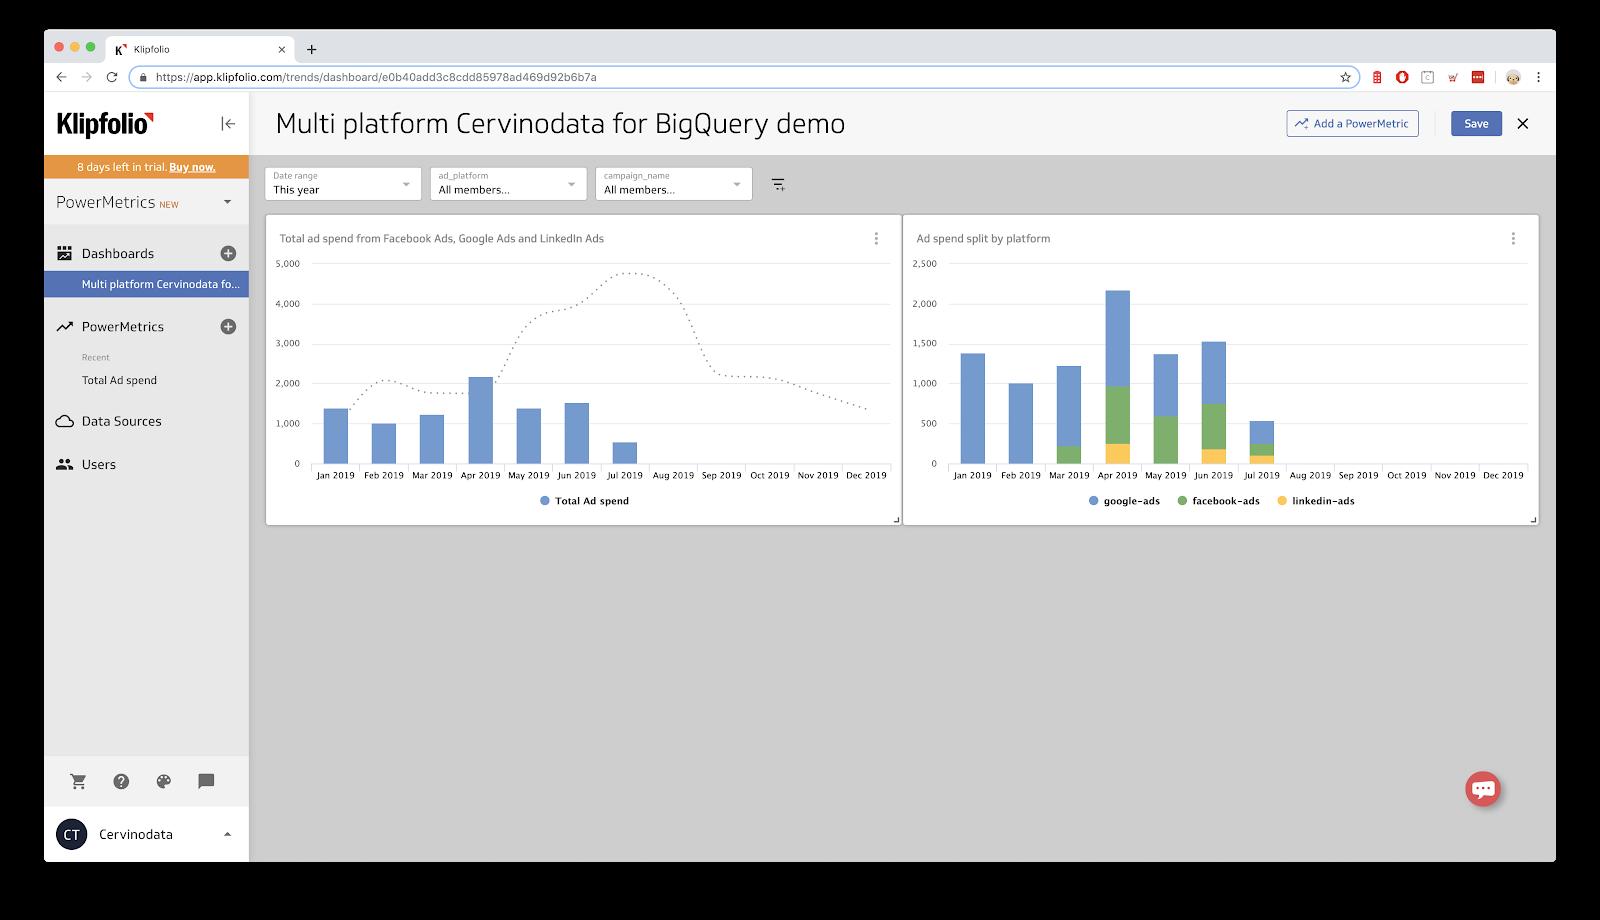 screenshot showing visualization